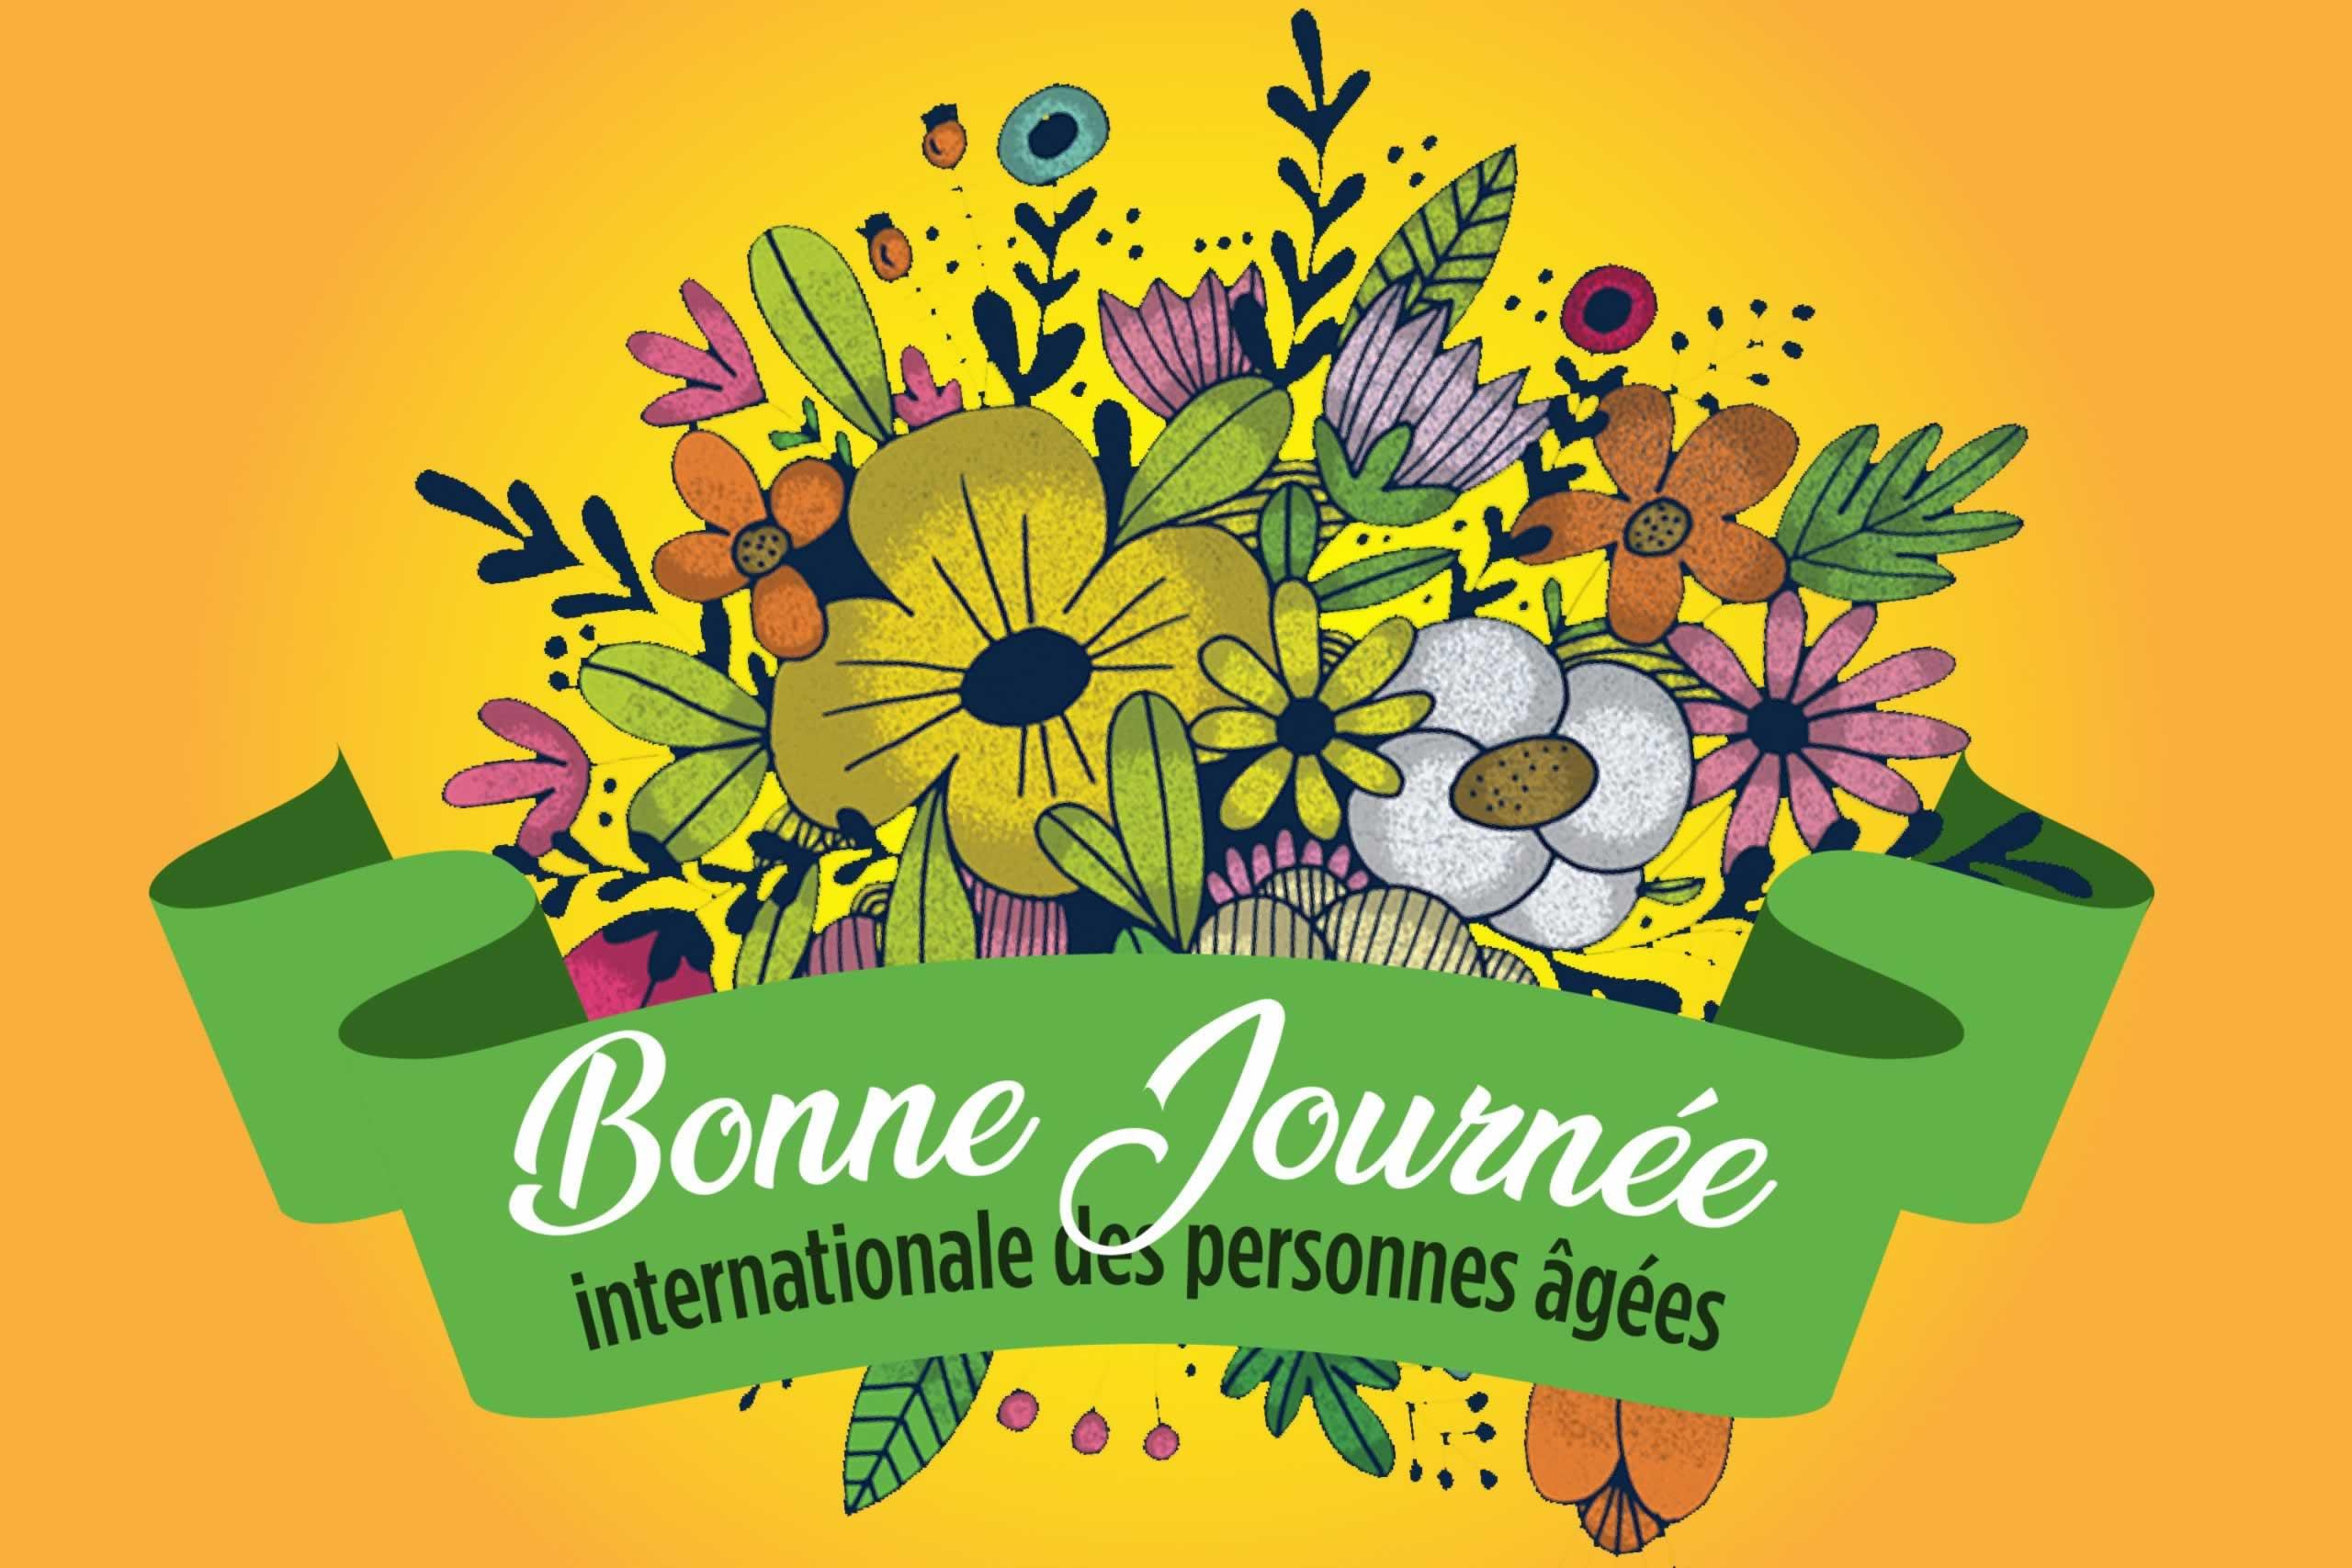 Un bouquet de fleurs pour souhaiter une Bonne journée internationle des personnes âgées